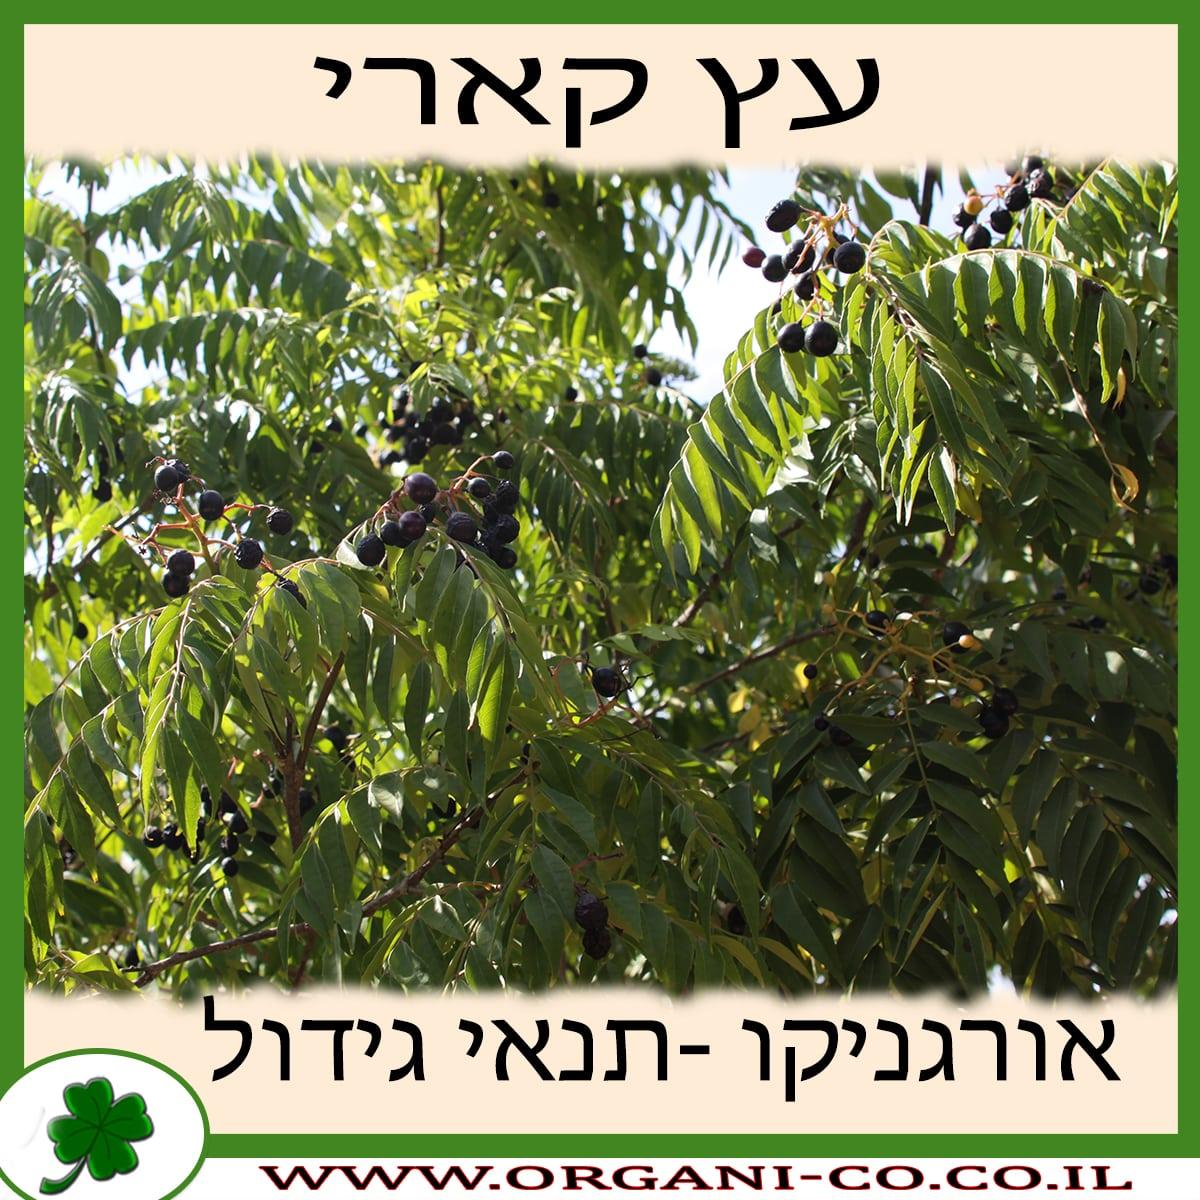 עץ קארי - תנאי גידול